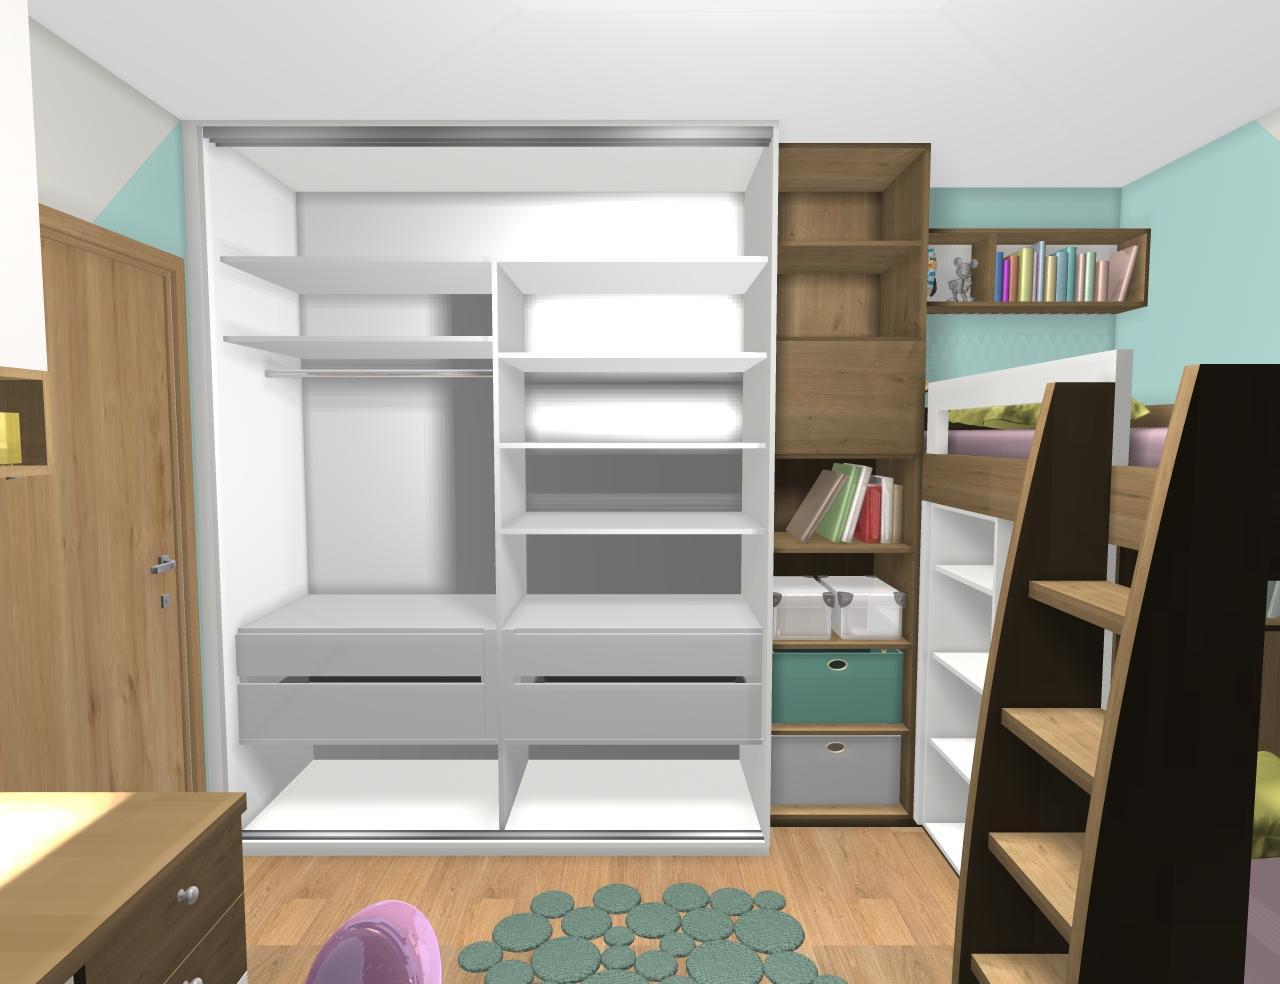 Grafické návrhy interiér 2019 - Grafický návrh detskej izby pre dve dievčatká - verzia 1 - obr.3